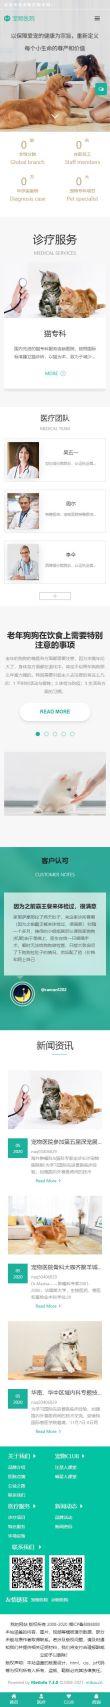 宠物医院网站模板,宠物医院网页模板,宠物医院响应式网站模板